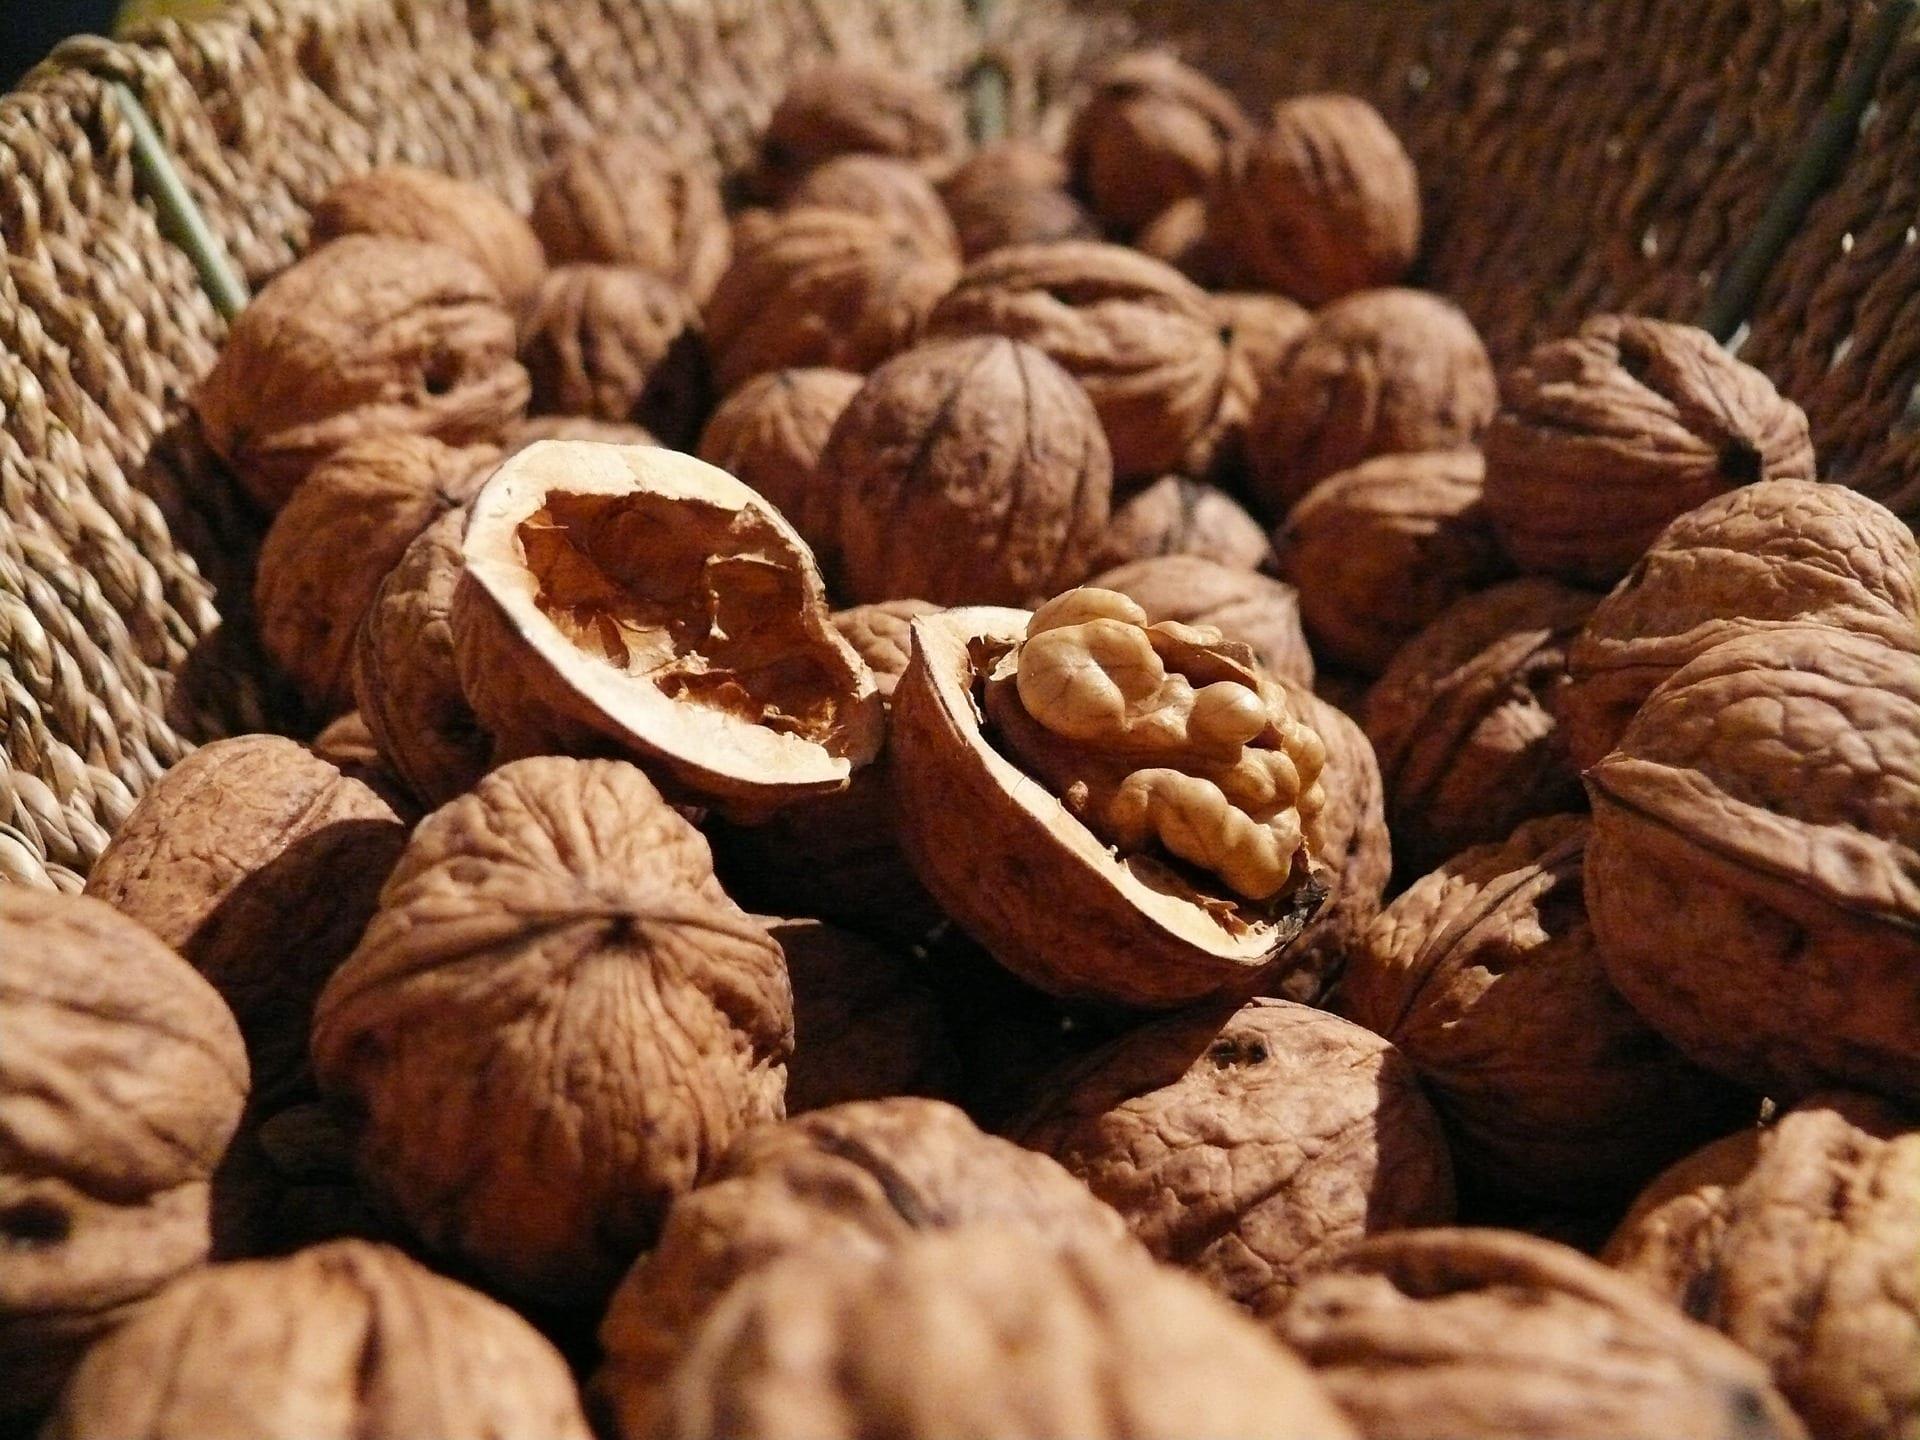 Welke noten zijn gezond?